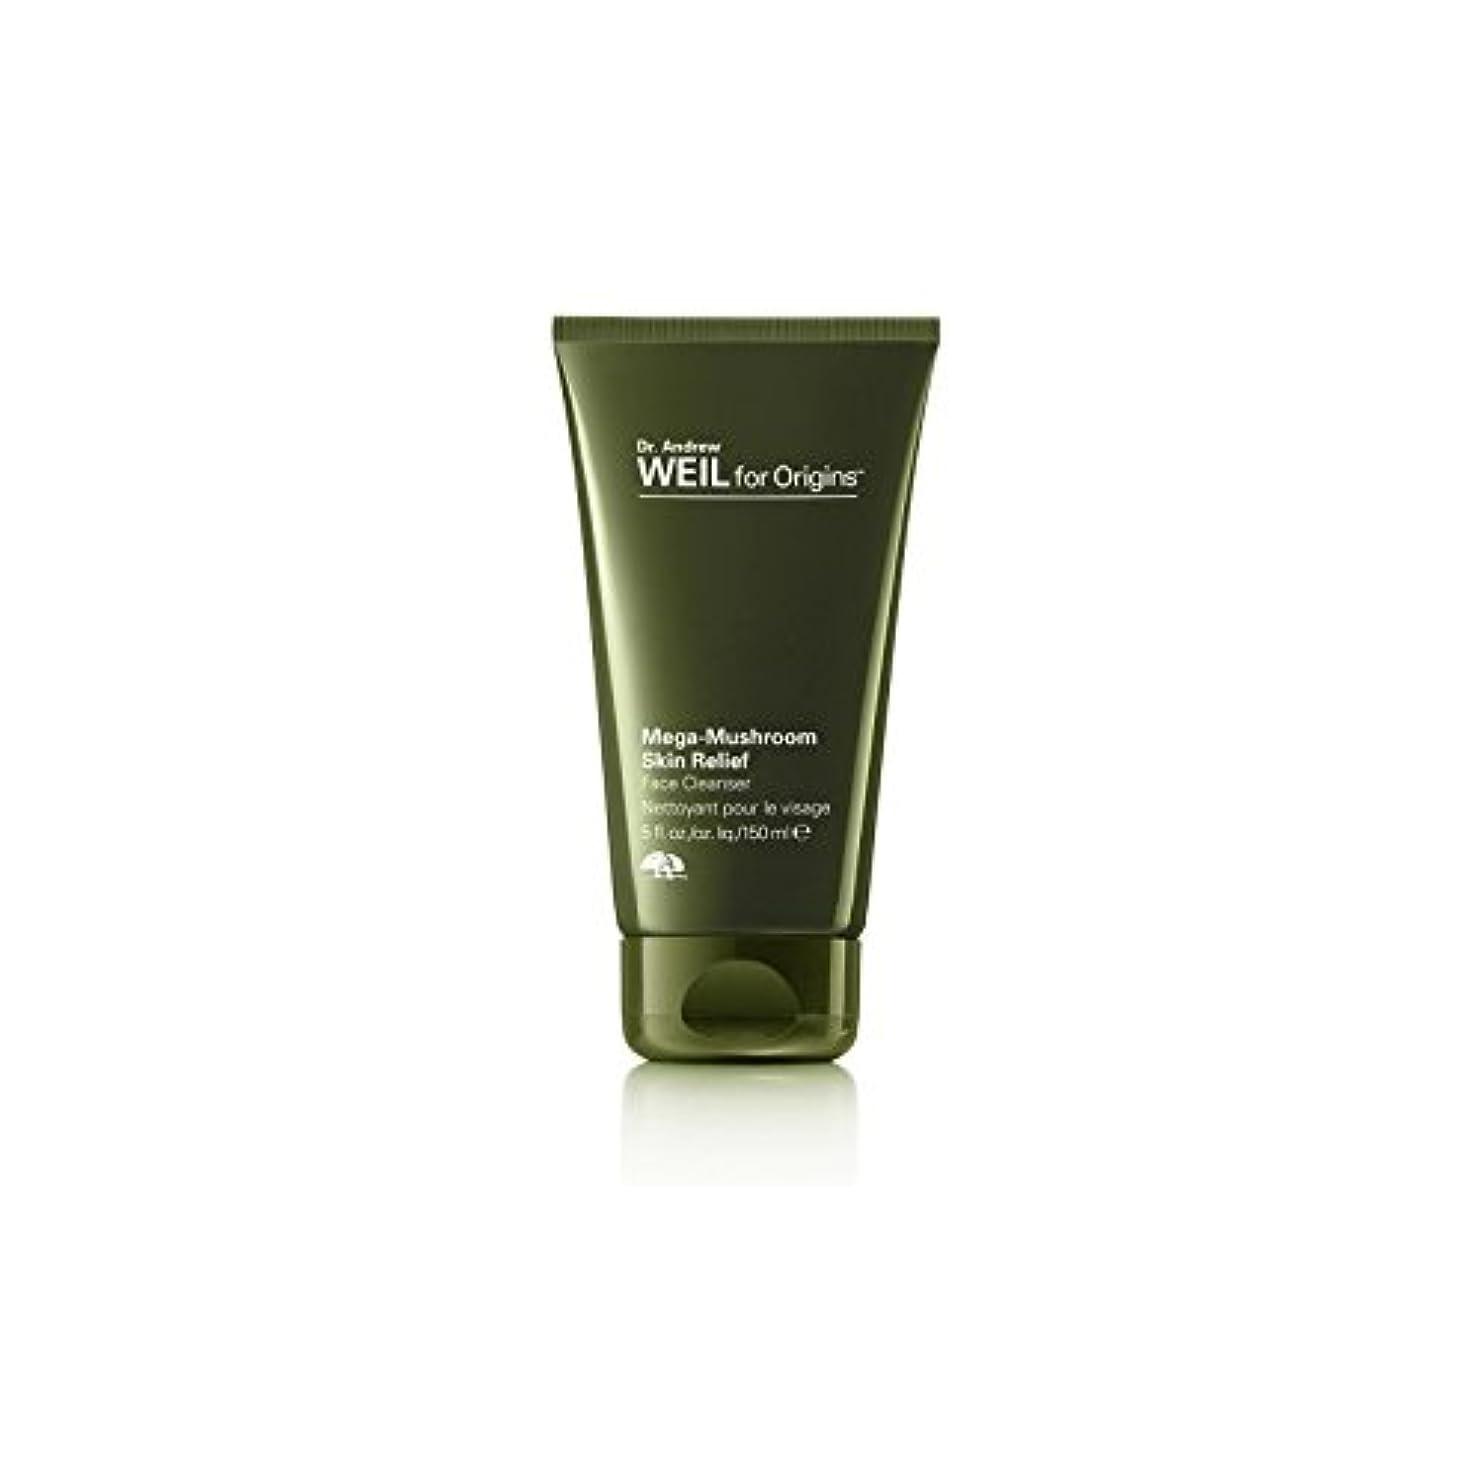 連邦なぜならプレフィックスOrigins Dr. Andrew Weil For Origins Mega-Mushroom Skin Relief Face Cleanser 150ml - 起源アンドルー?ワイル起源メガキノコ皮膚救済顔クレンザー150ミリリットルのために [並行輸入品]